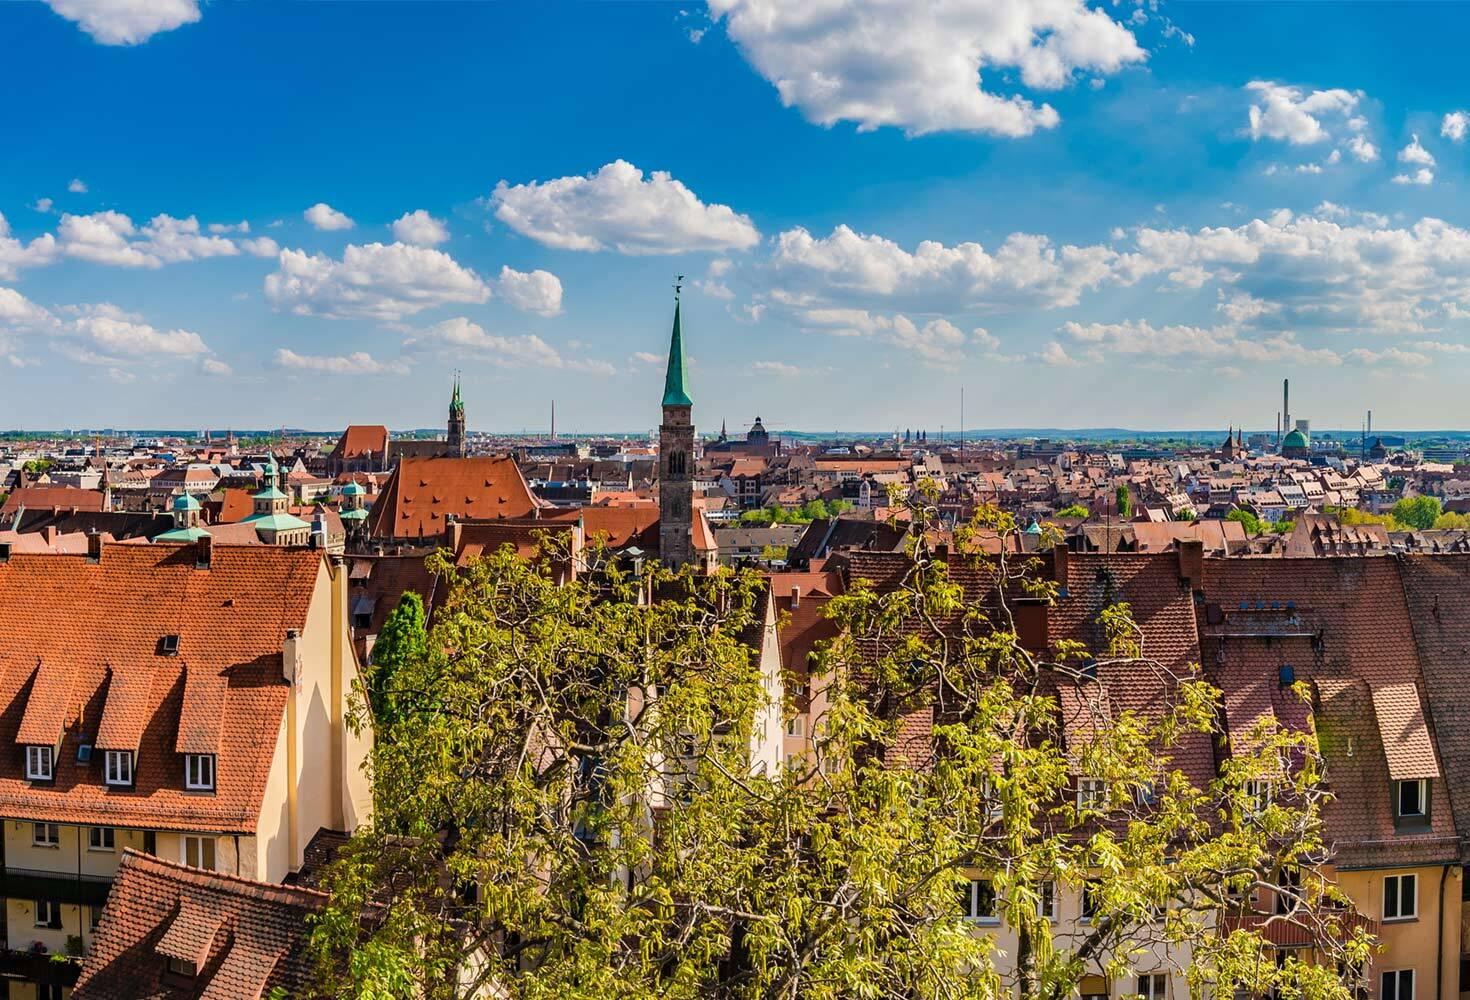 Wohnen in Nürnberg – Eigentumswohnungen von BAUWERKE – Liebe & Partner